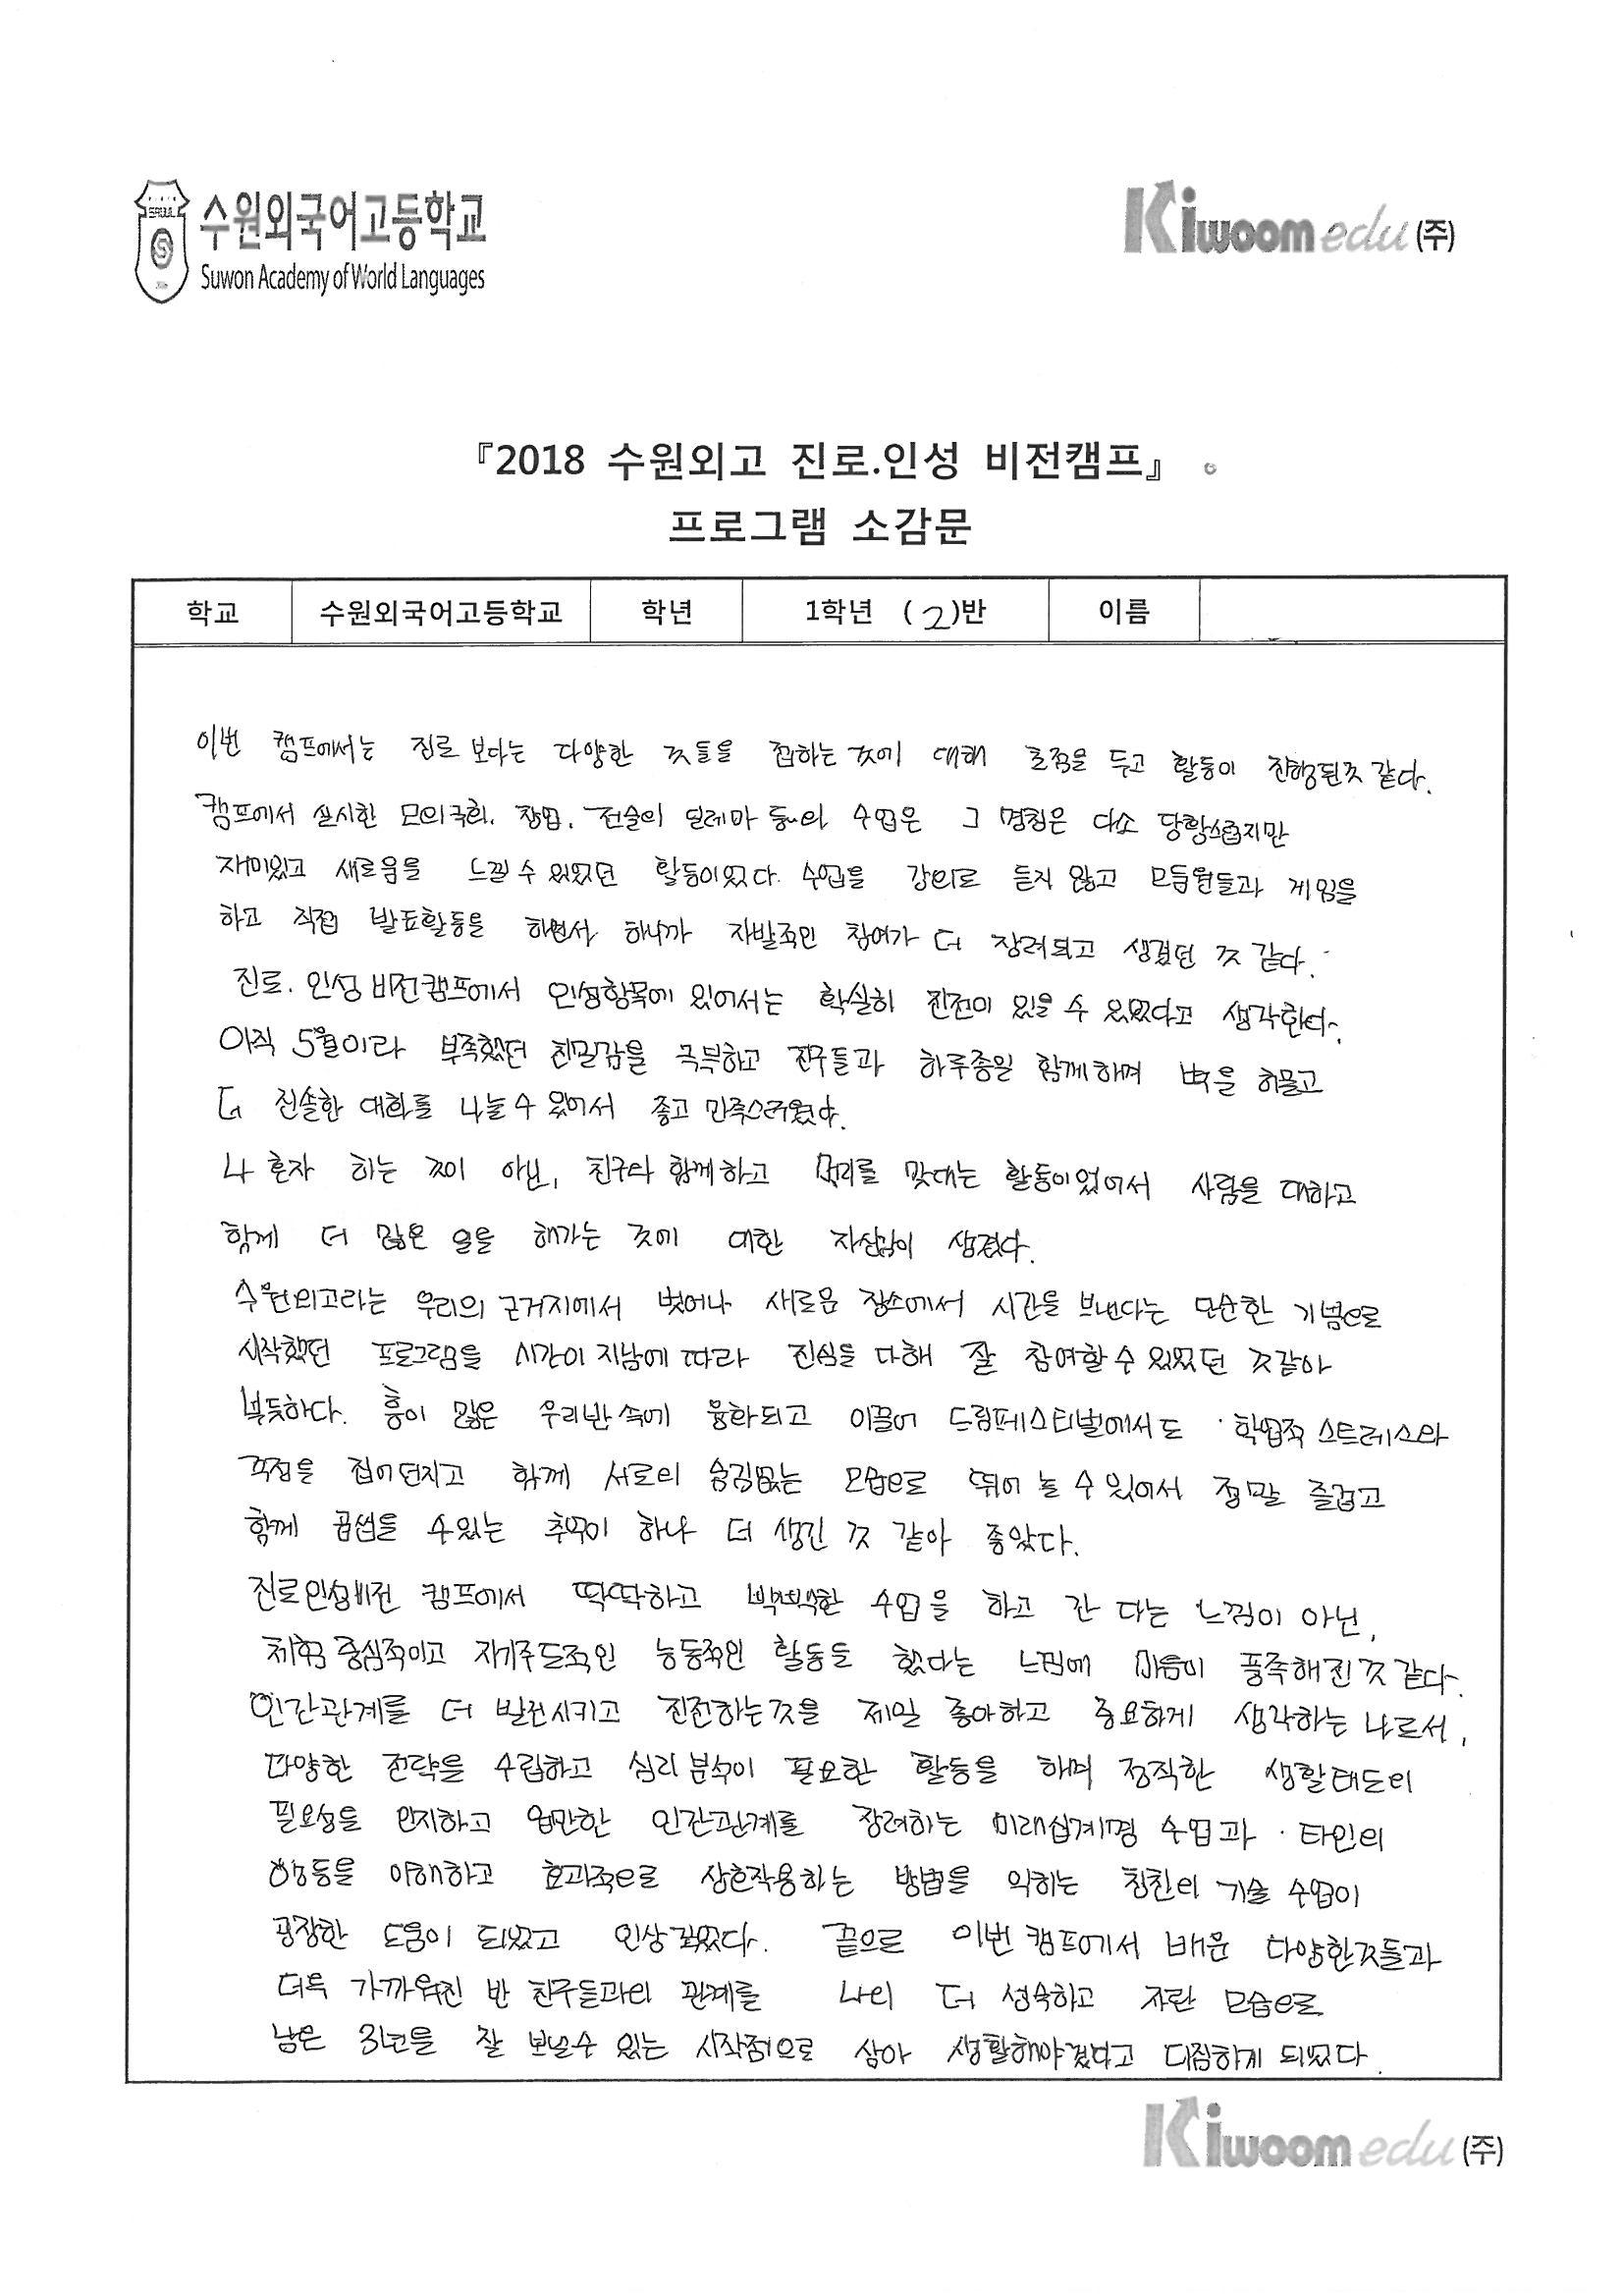 2018 수원외고 우수소감문_Page_06.jpg